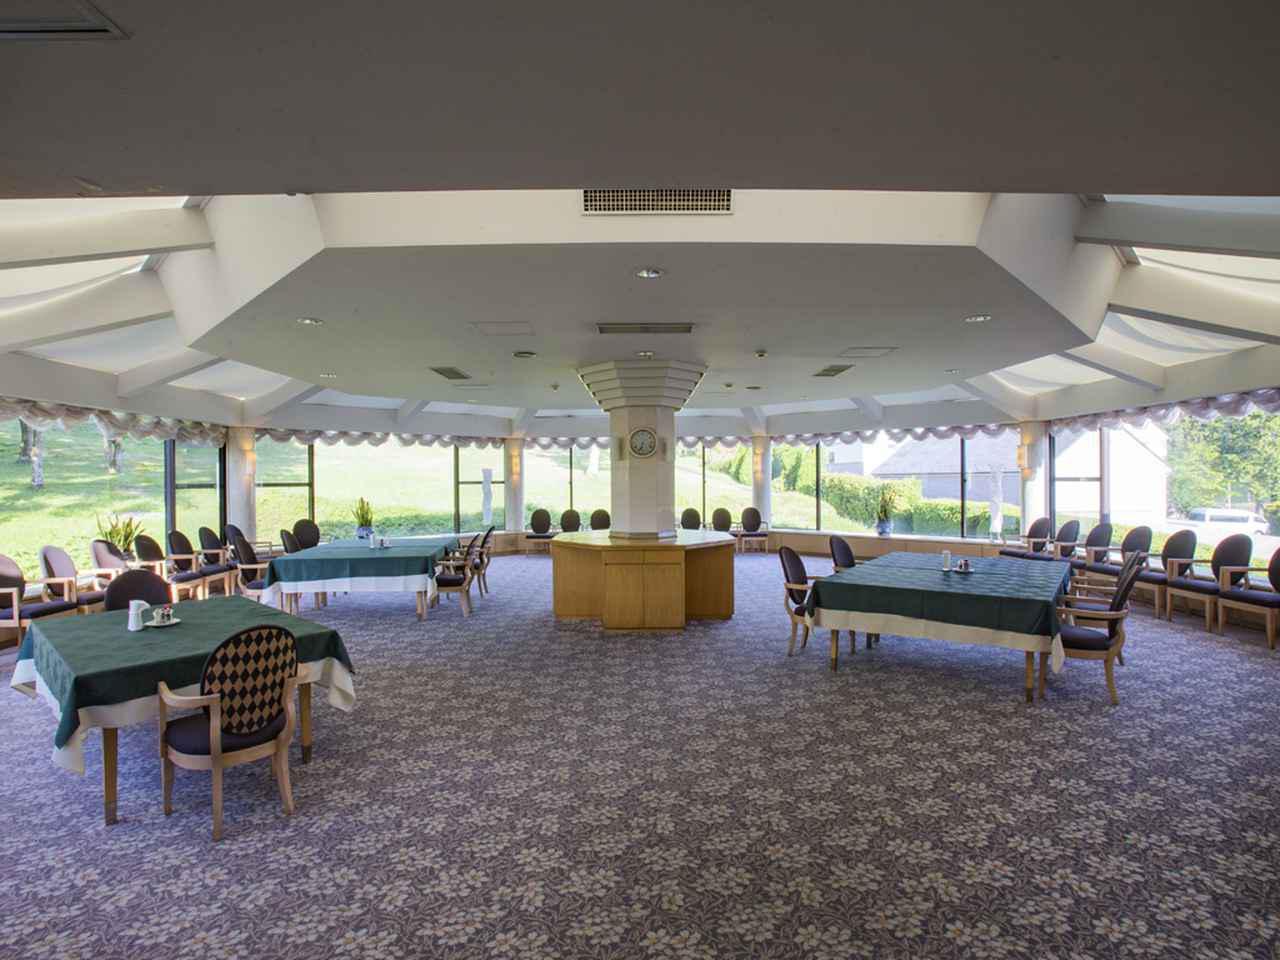 画像: レストラン奥にあるパーティルームは八角形のデザインが特徴的